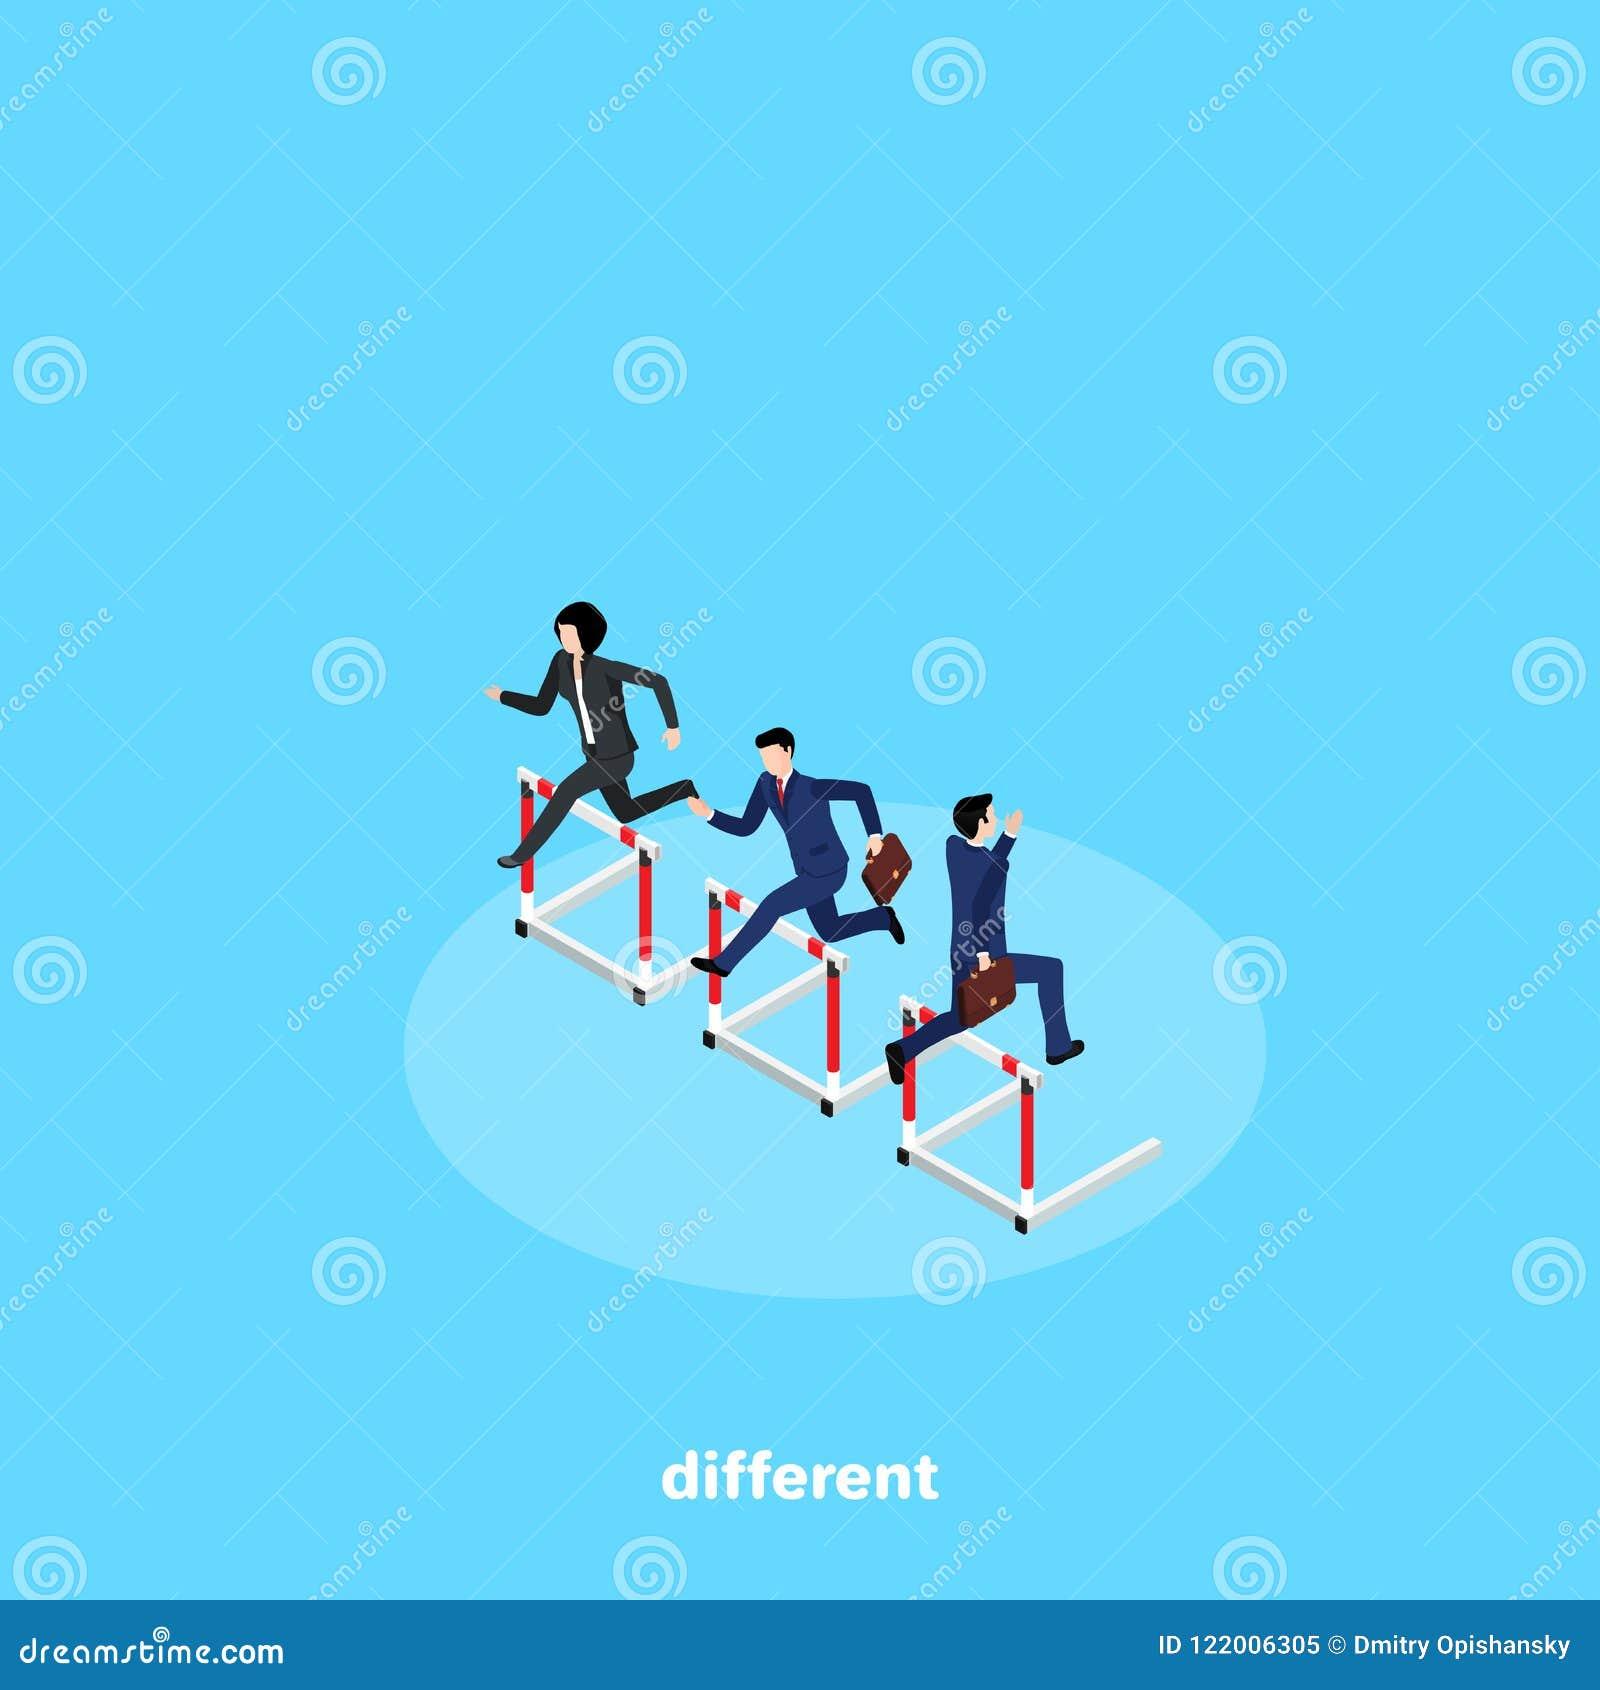 De mensen in pakken concurreren in het lopen met hindernissen maar gelopen in verschillende richtingen